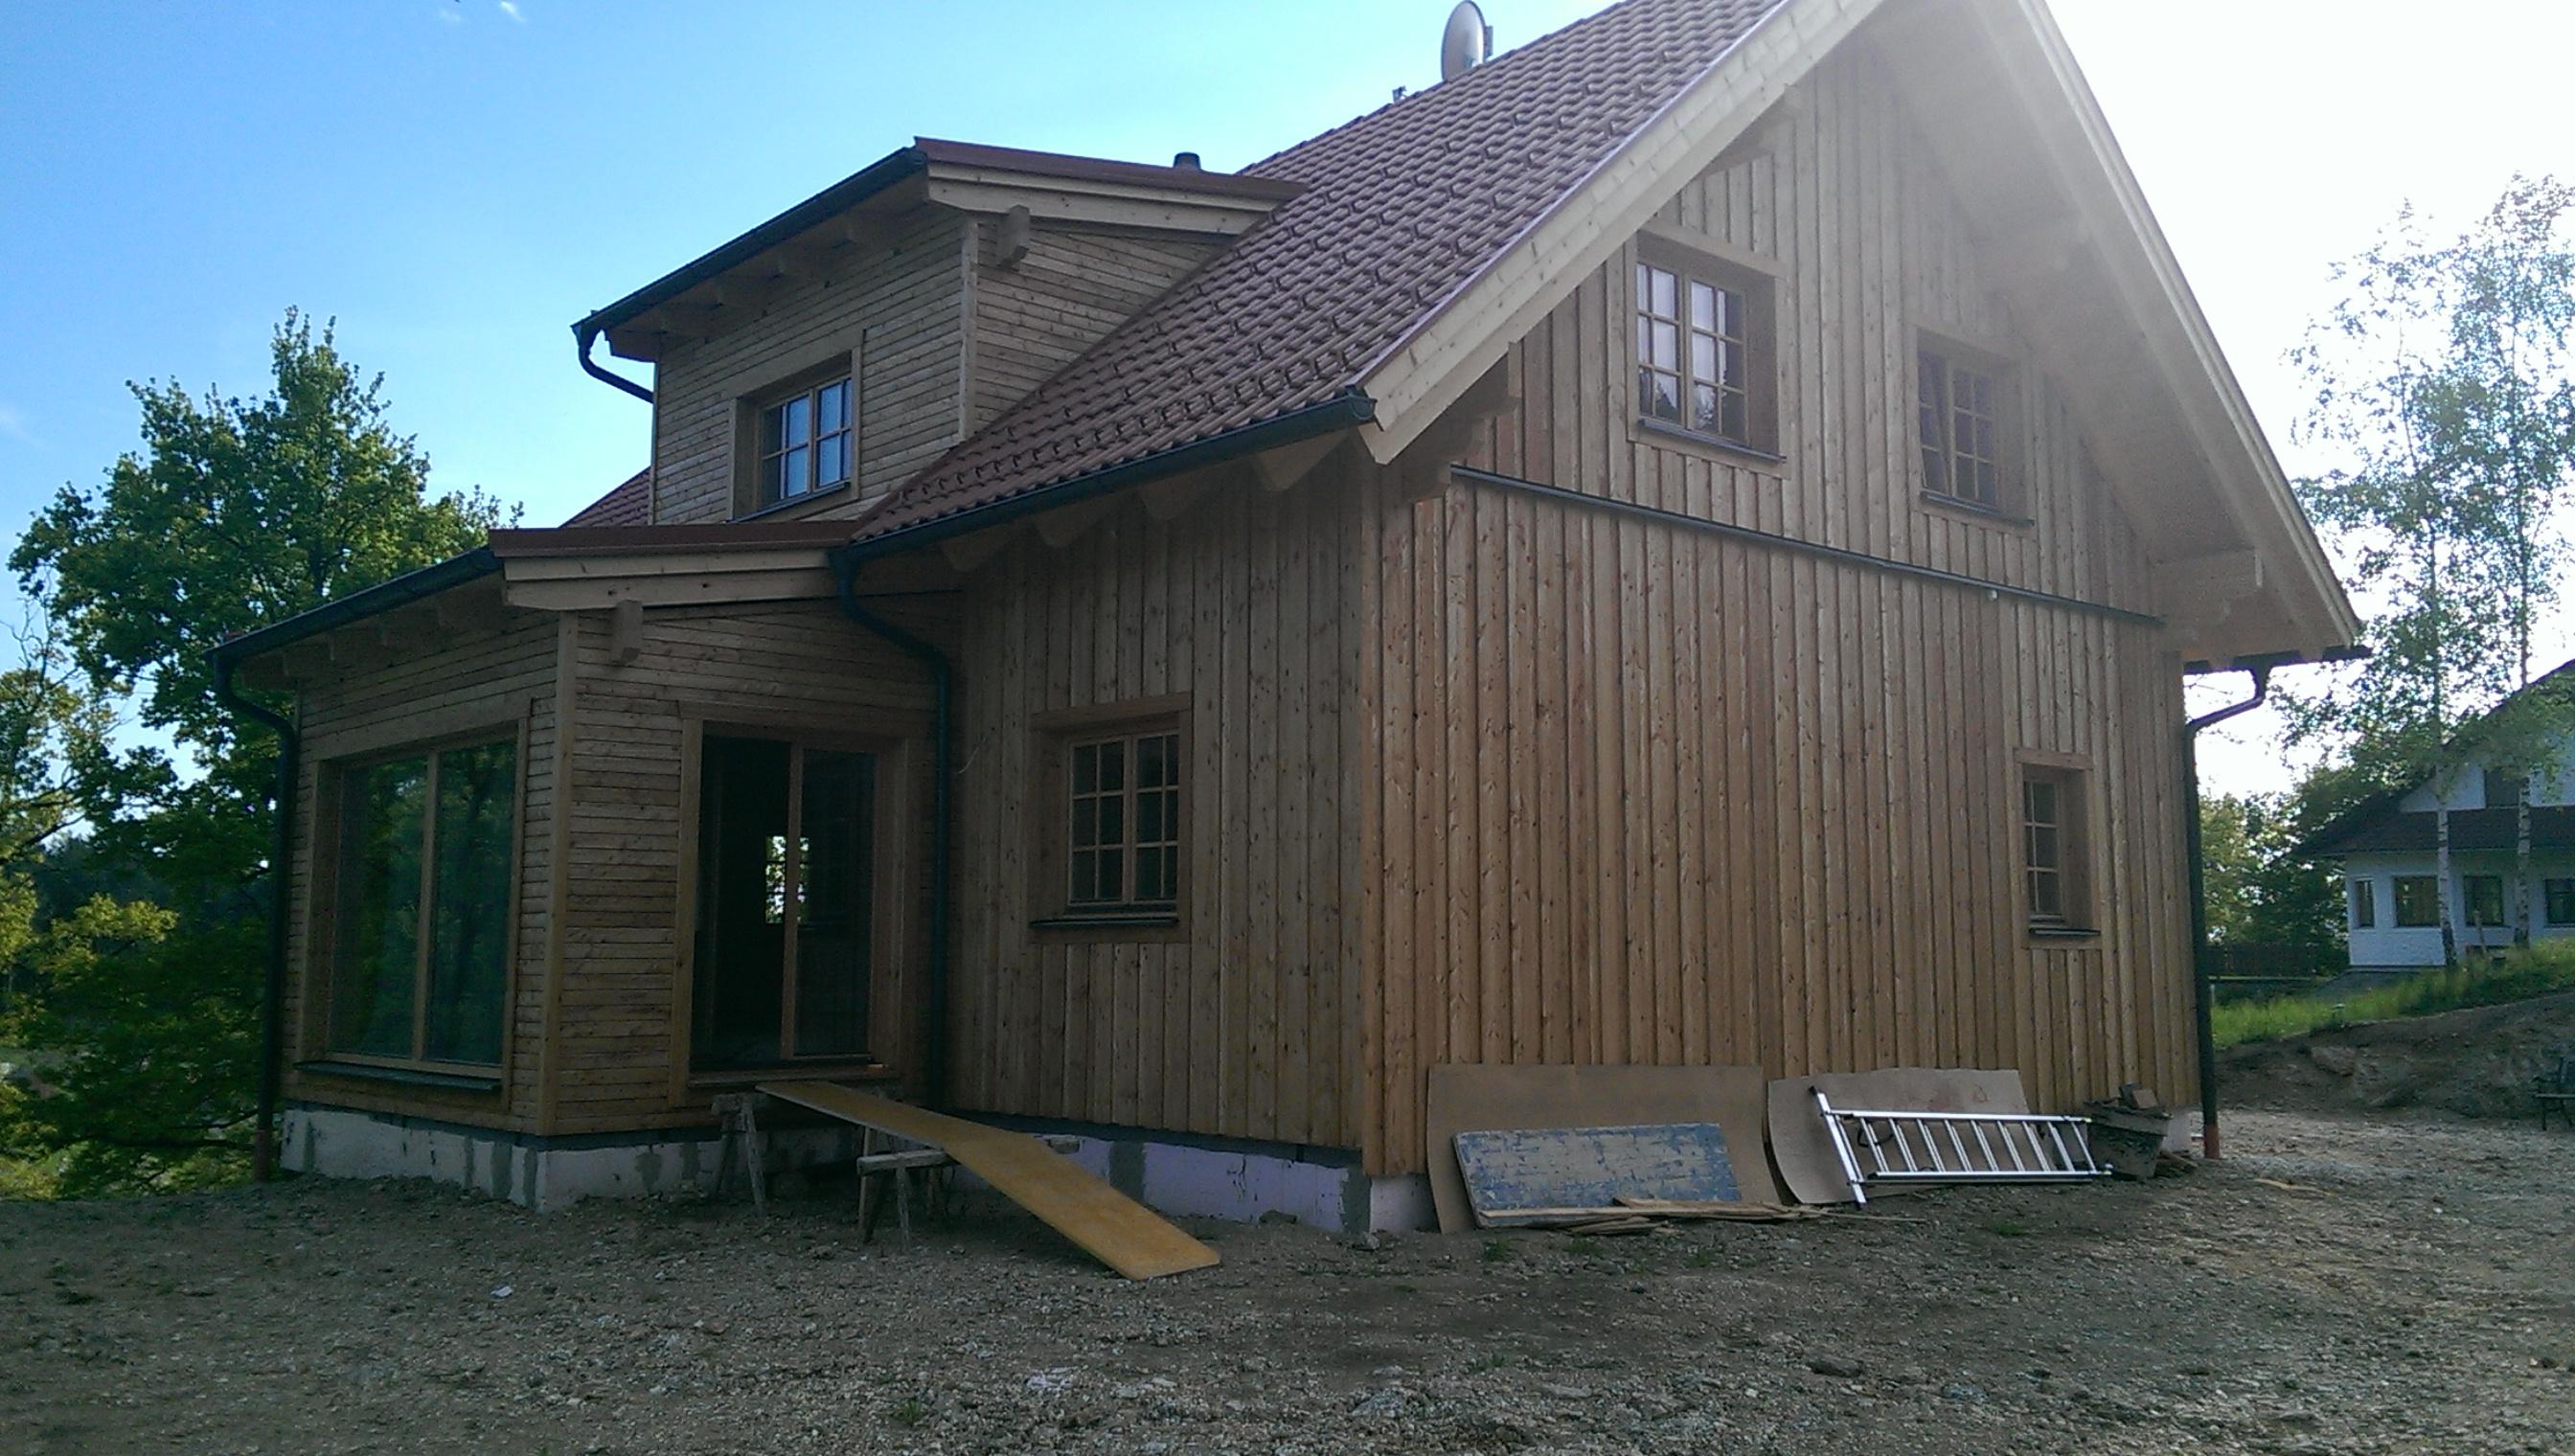 September der bausatz für das haus geliefert die richtmeister von scandinavian blockhaus rückten mit 2 3 mann an von den bauherren kamen